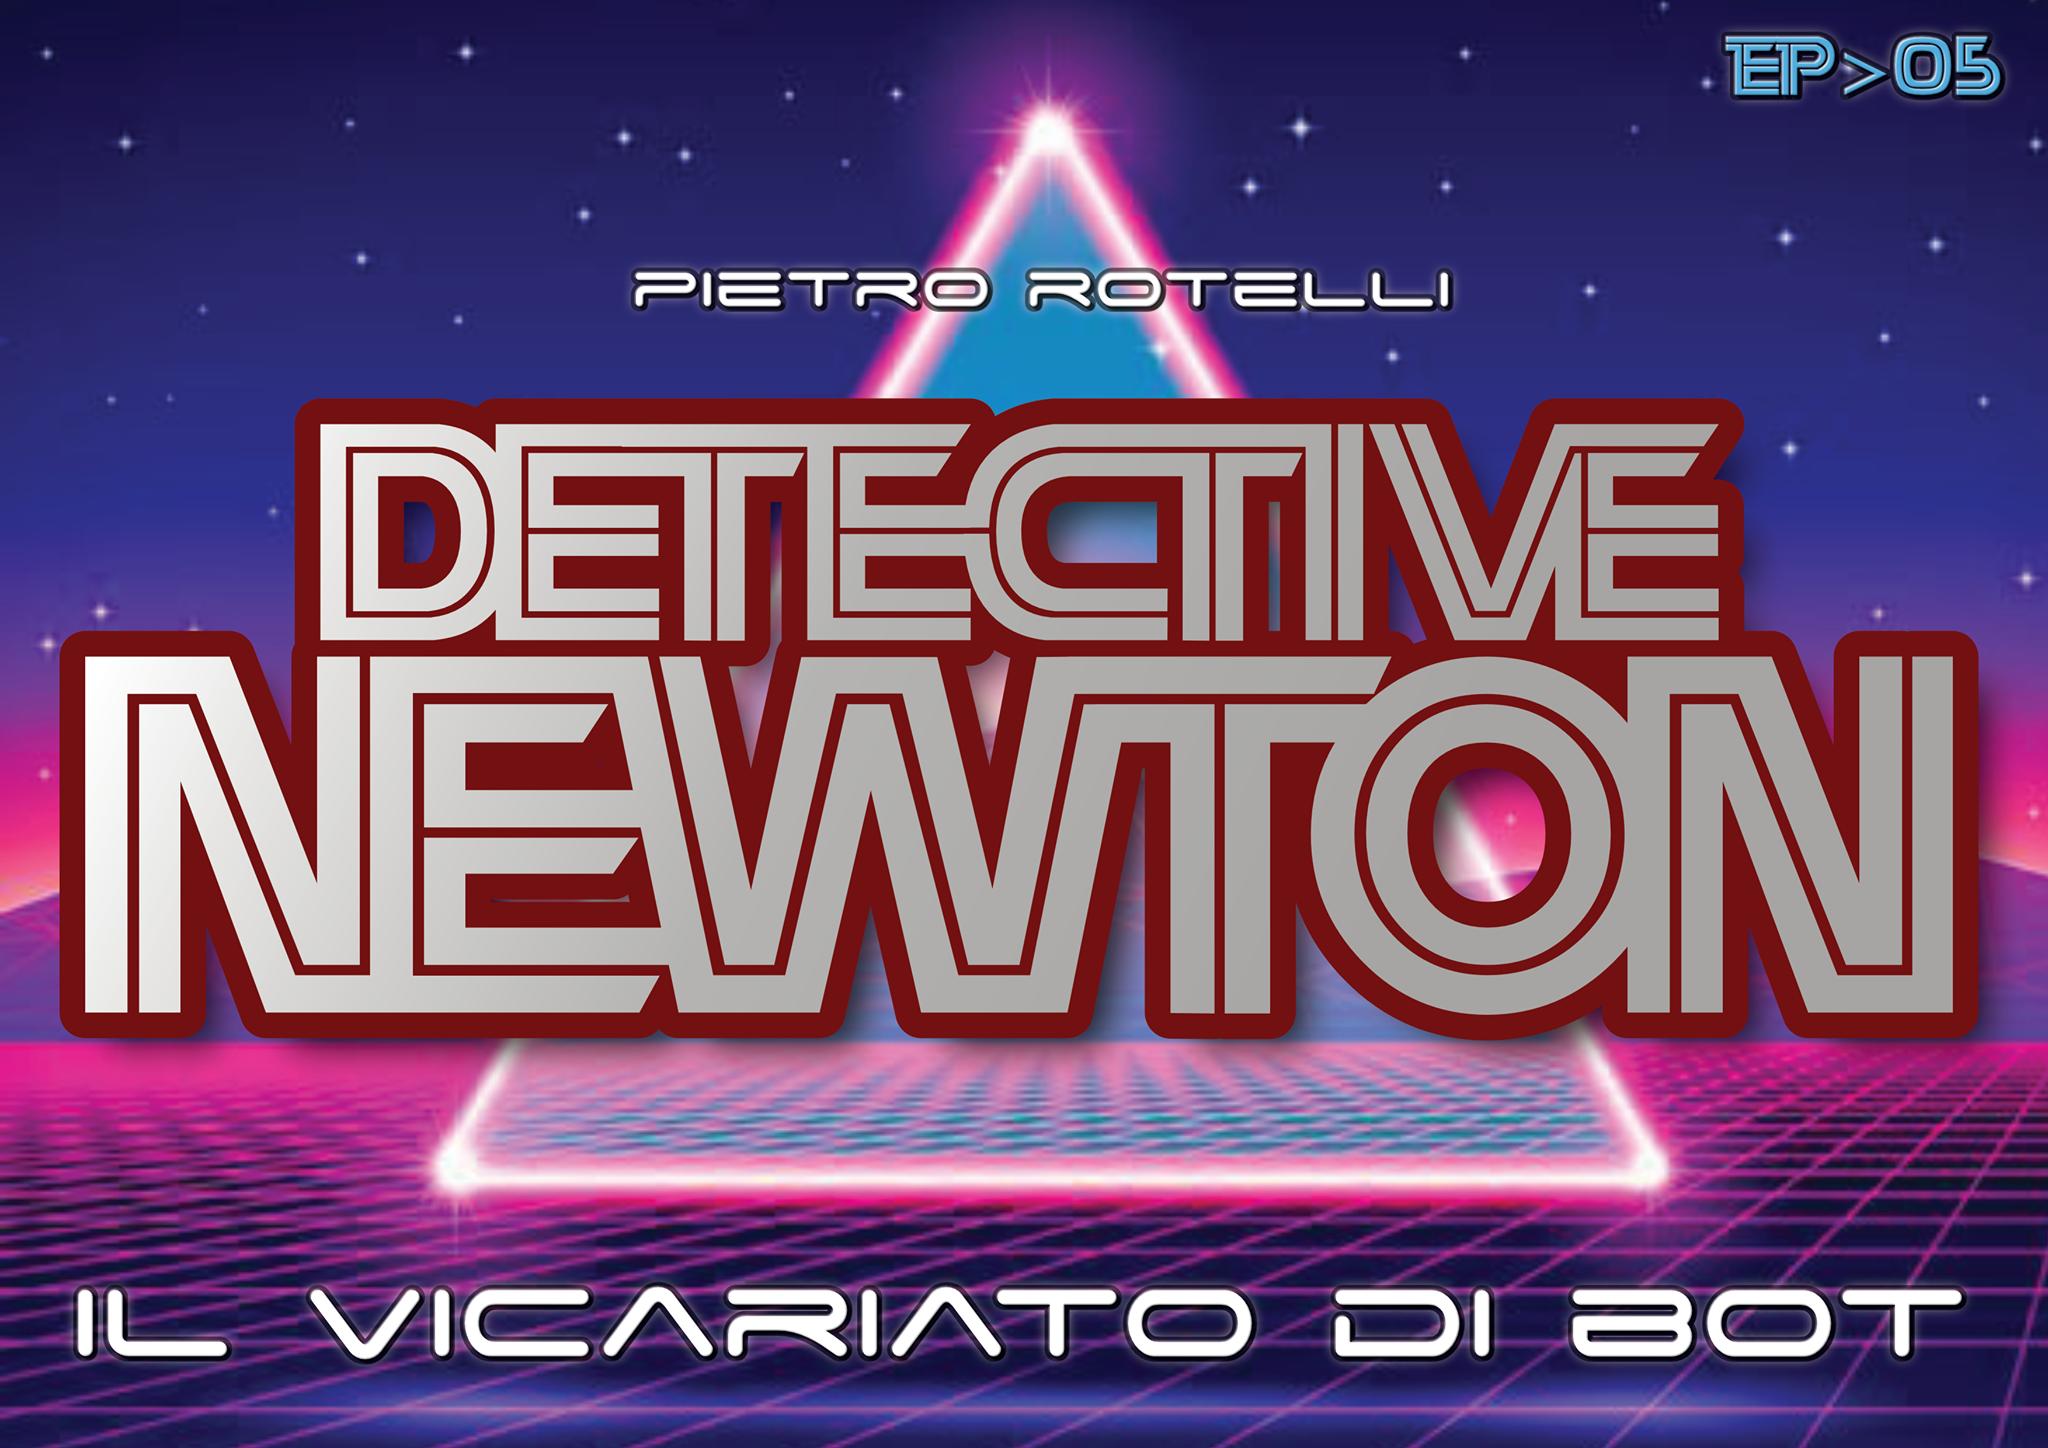 Il Vicariato di Bot (Un'avventura del Detective Newton - EP.05) 7 - fanzine